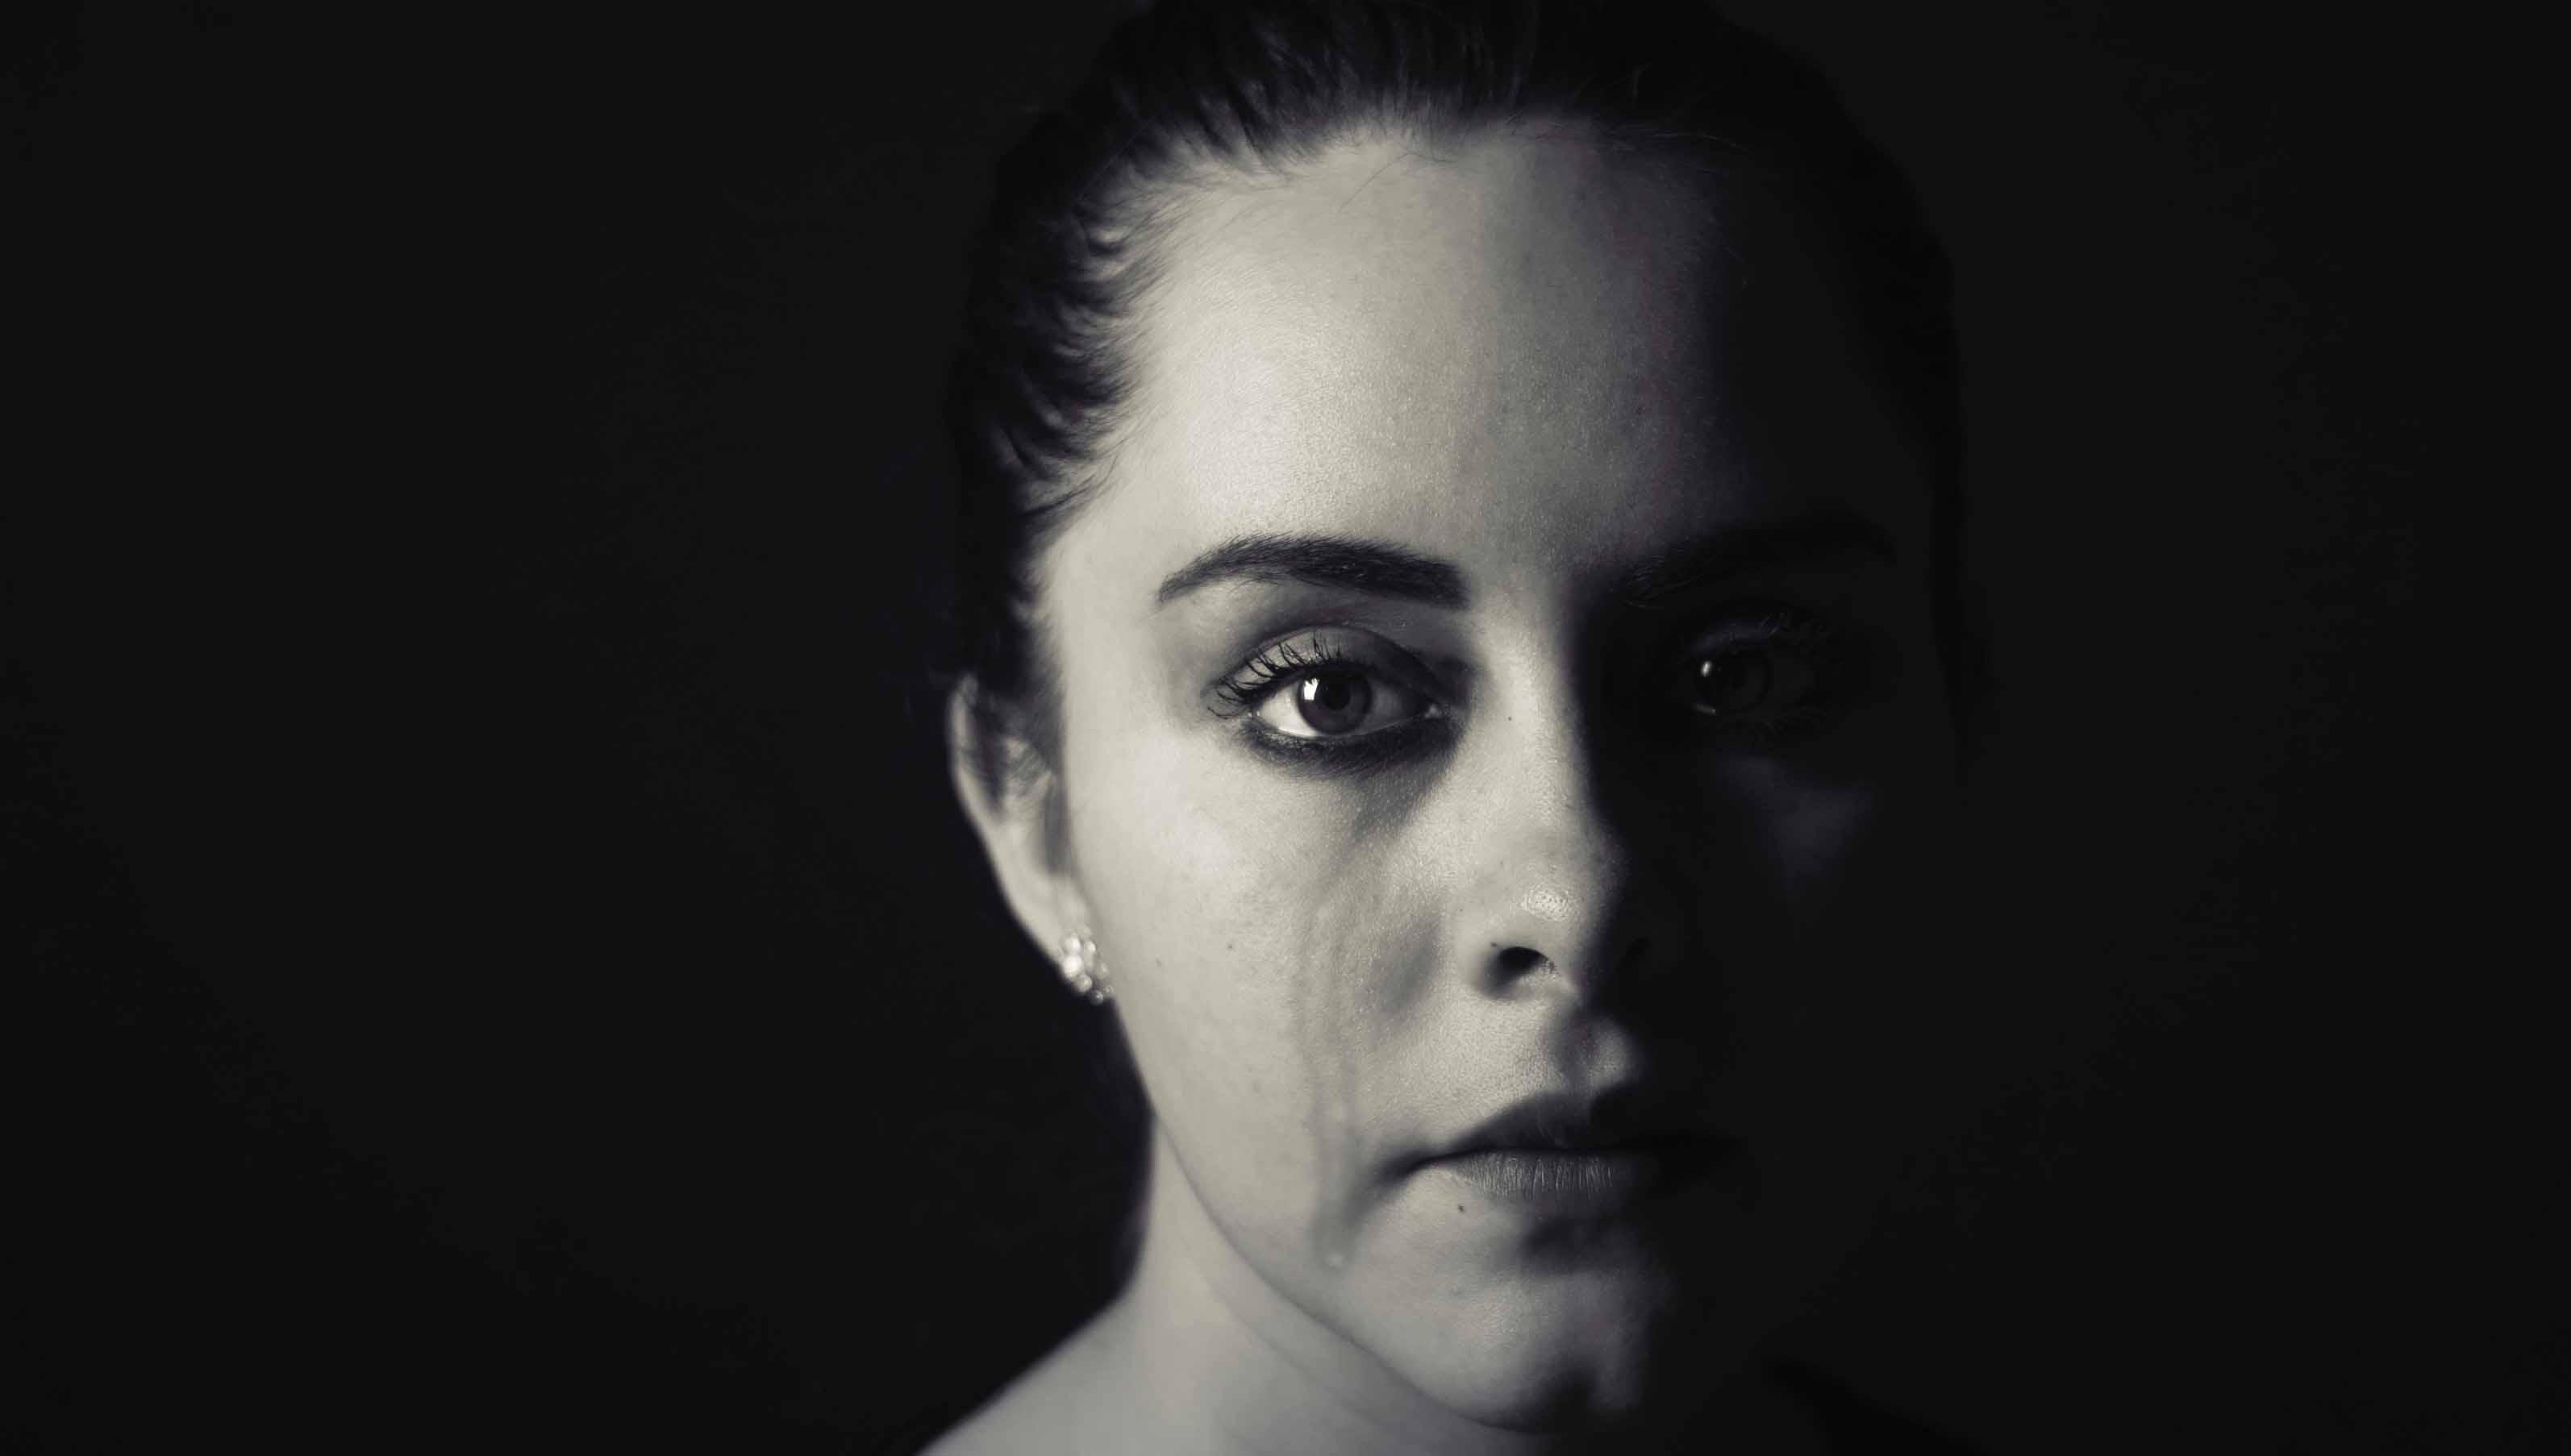 istället för beklagar sorgen